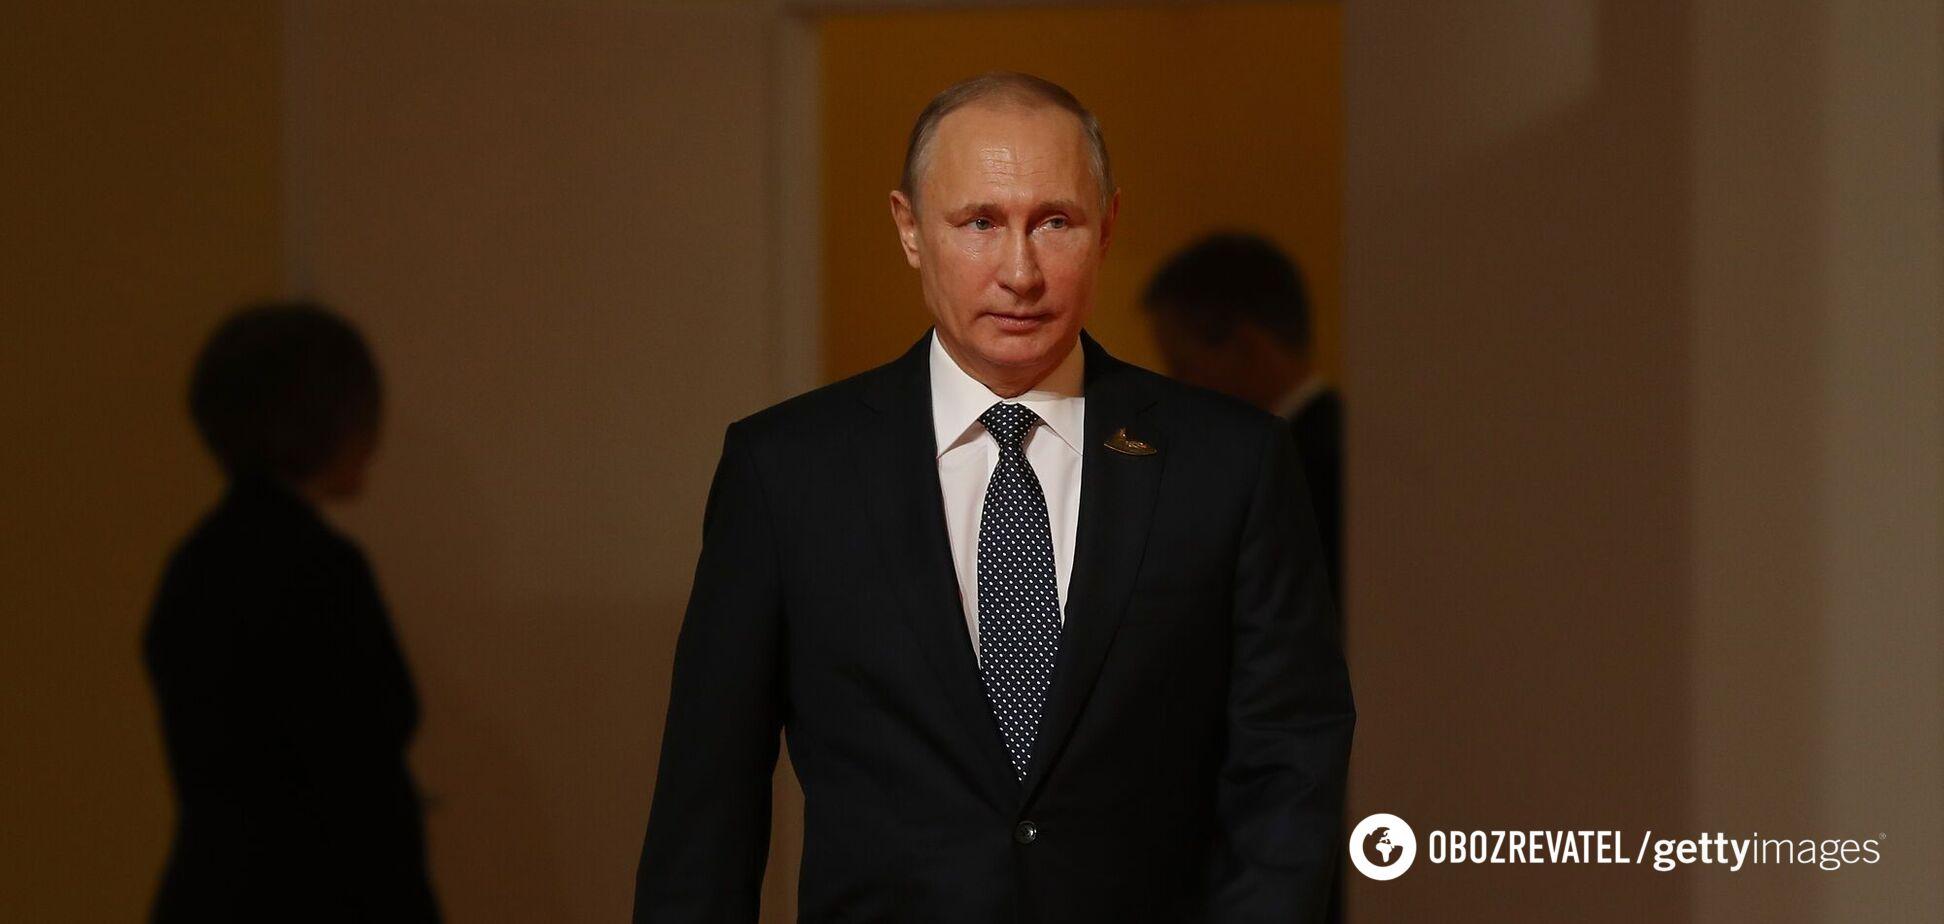 Конструктивних переговорів з Путіним немає і не буде